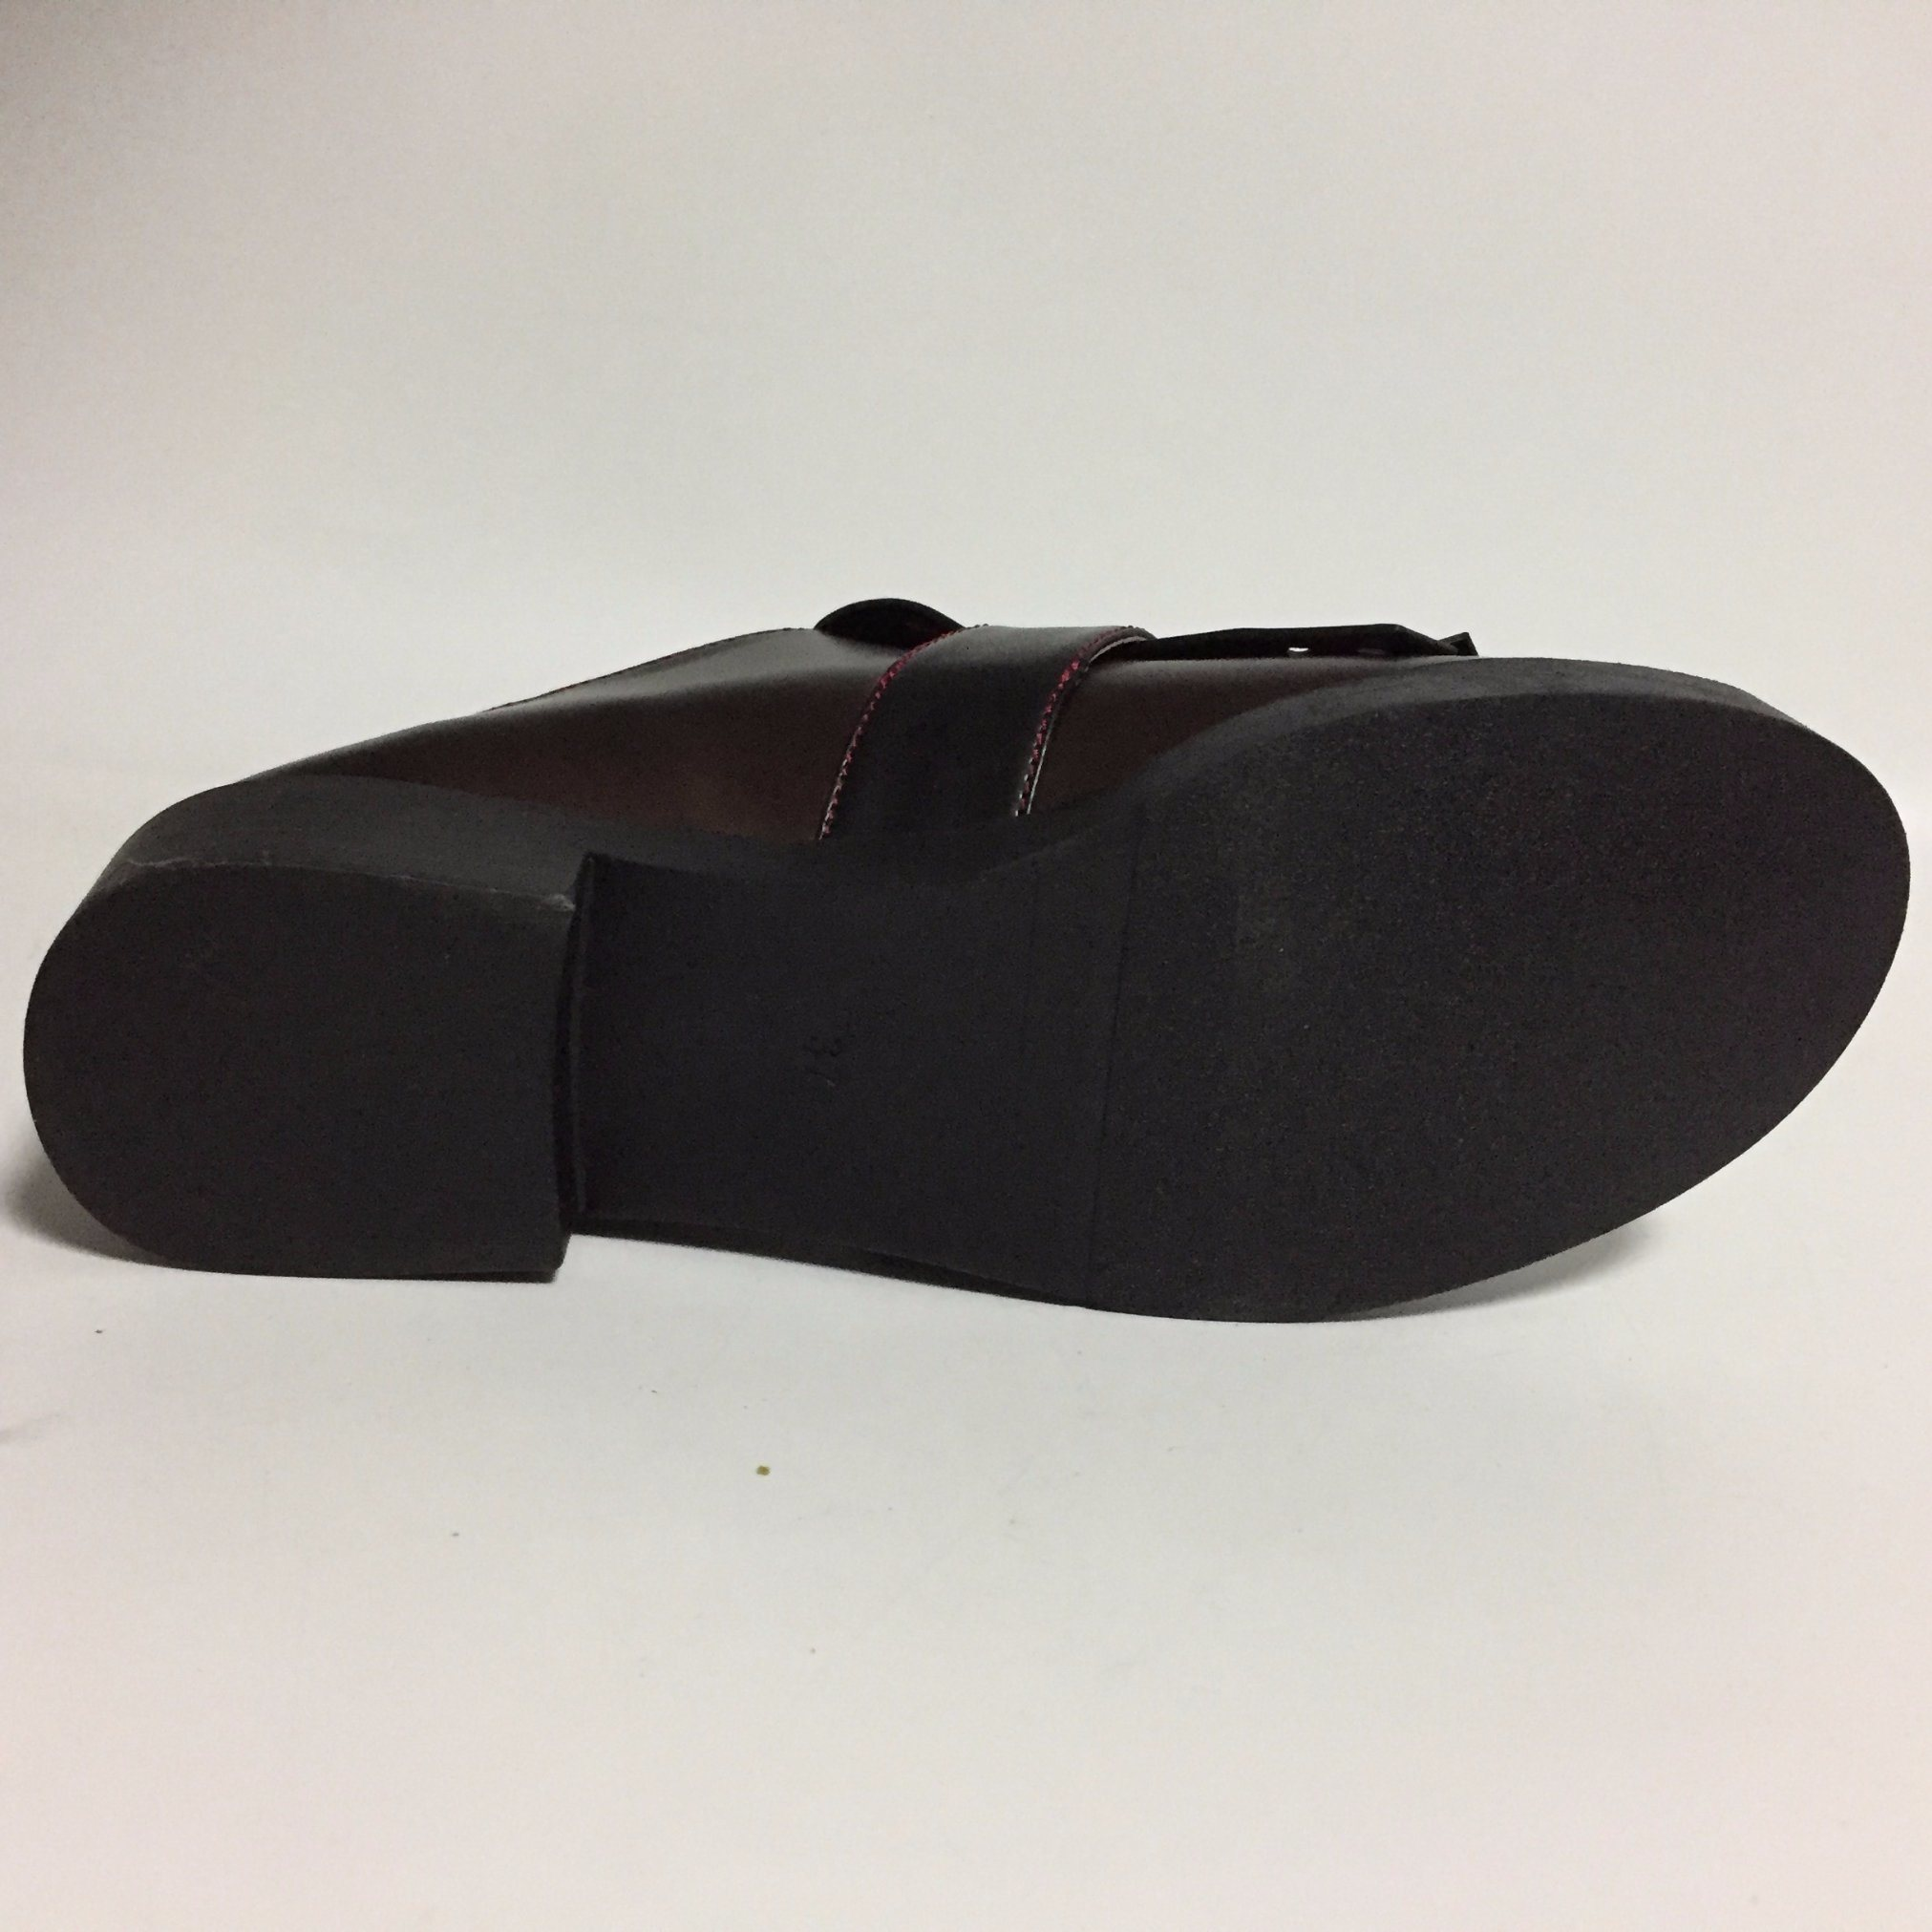 2017 Lady Fashion Tassel Buckle Strap Women Casual Flat Footwear